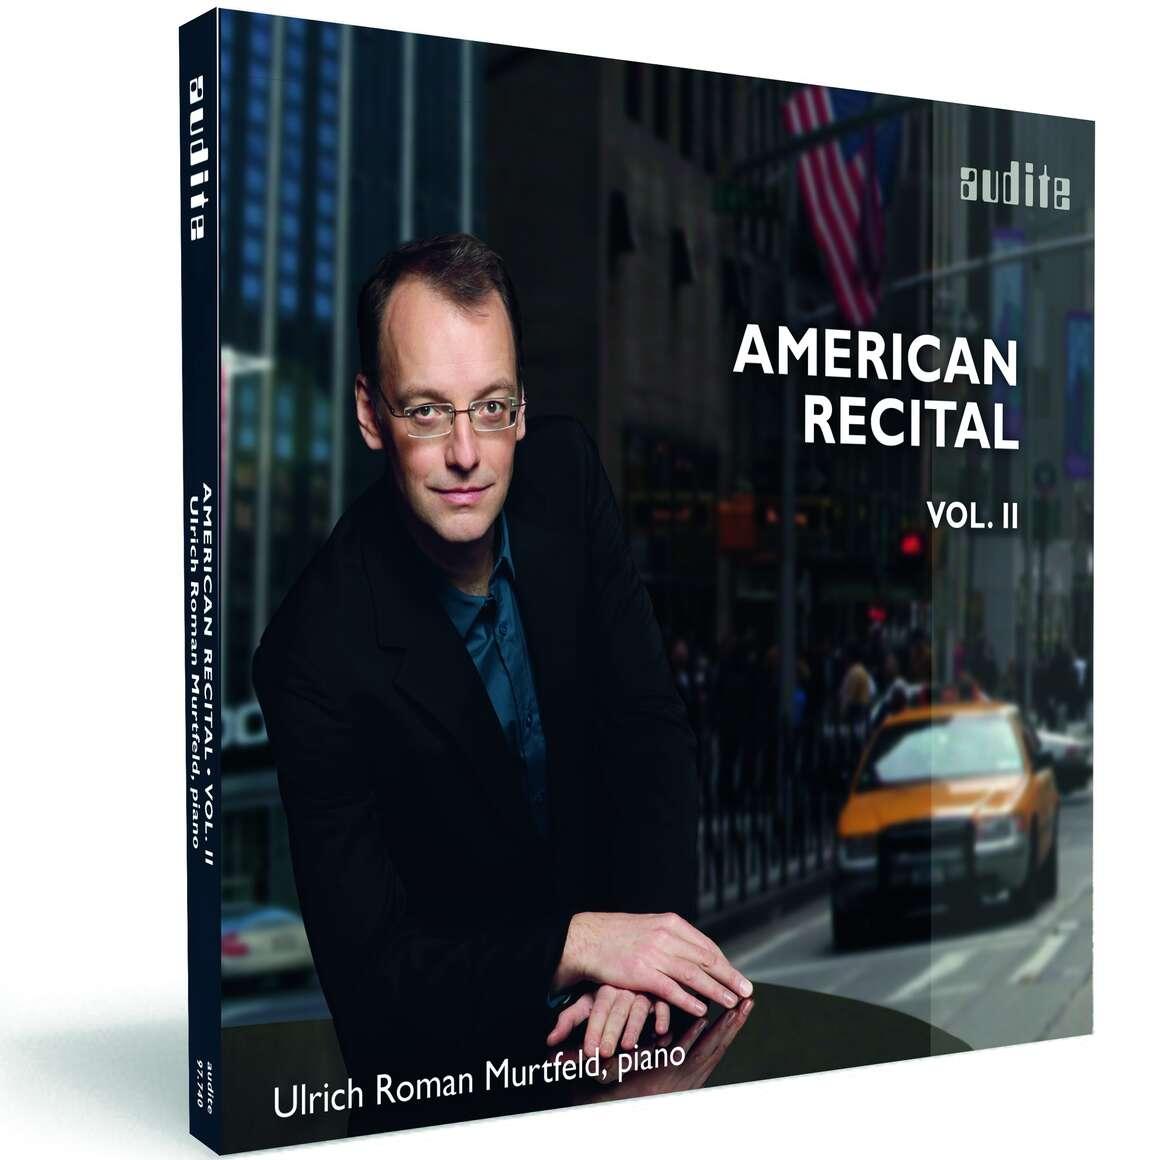 American Recital, Vol. II